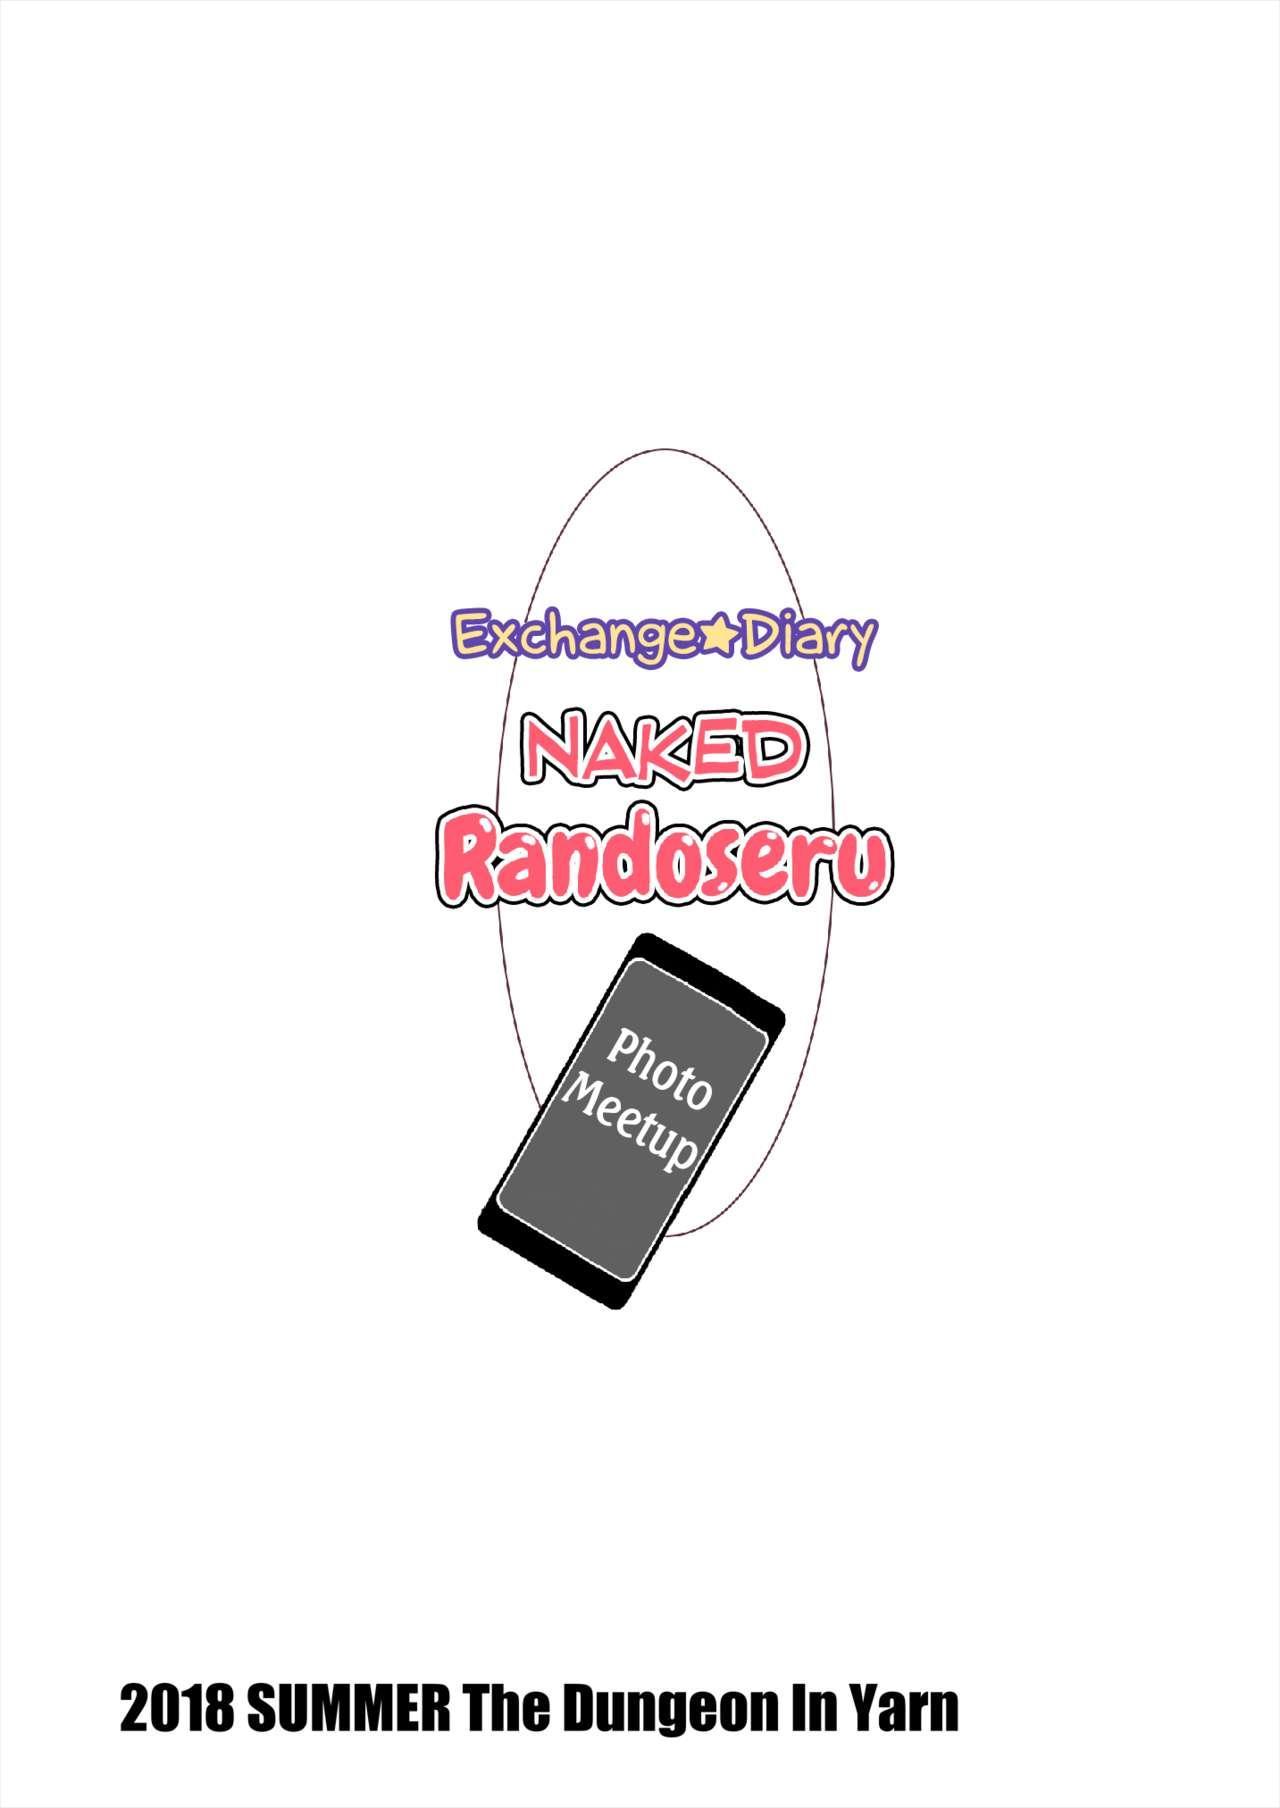 Koukan Nikki Hadaka Randoseru Satsueikai | Koukan Nikki Naked Randoseru Photo Meetup 15